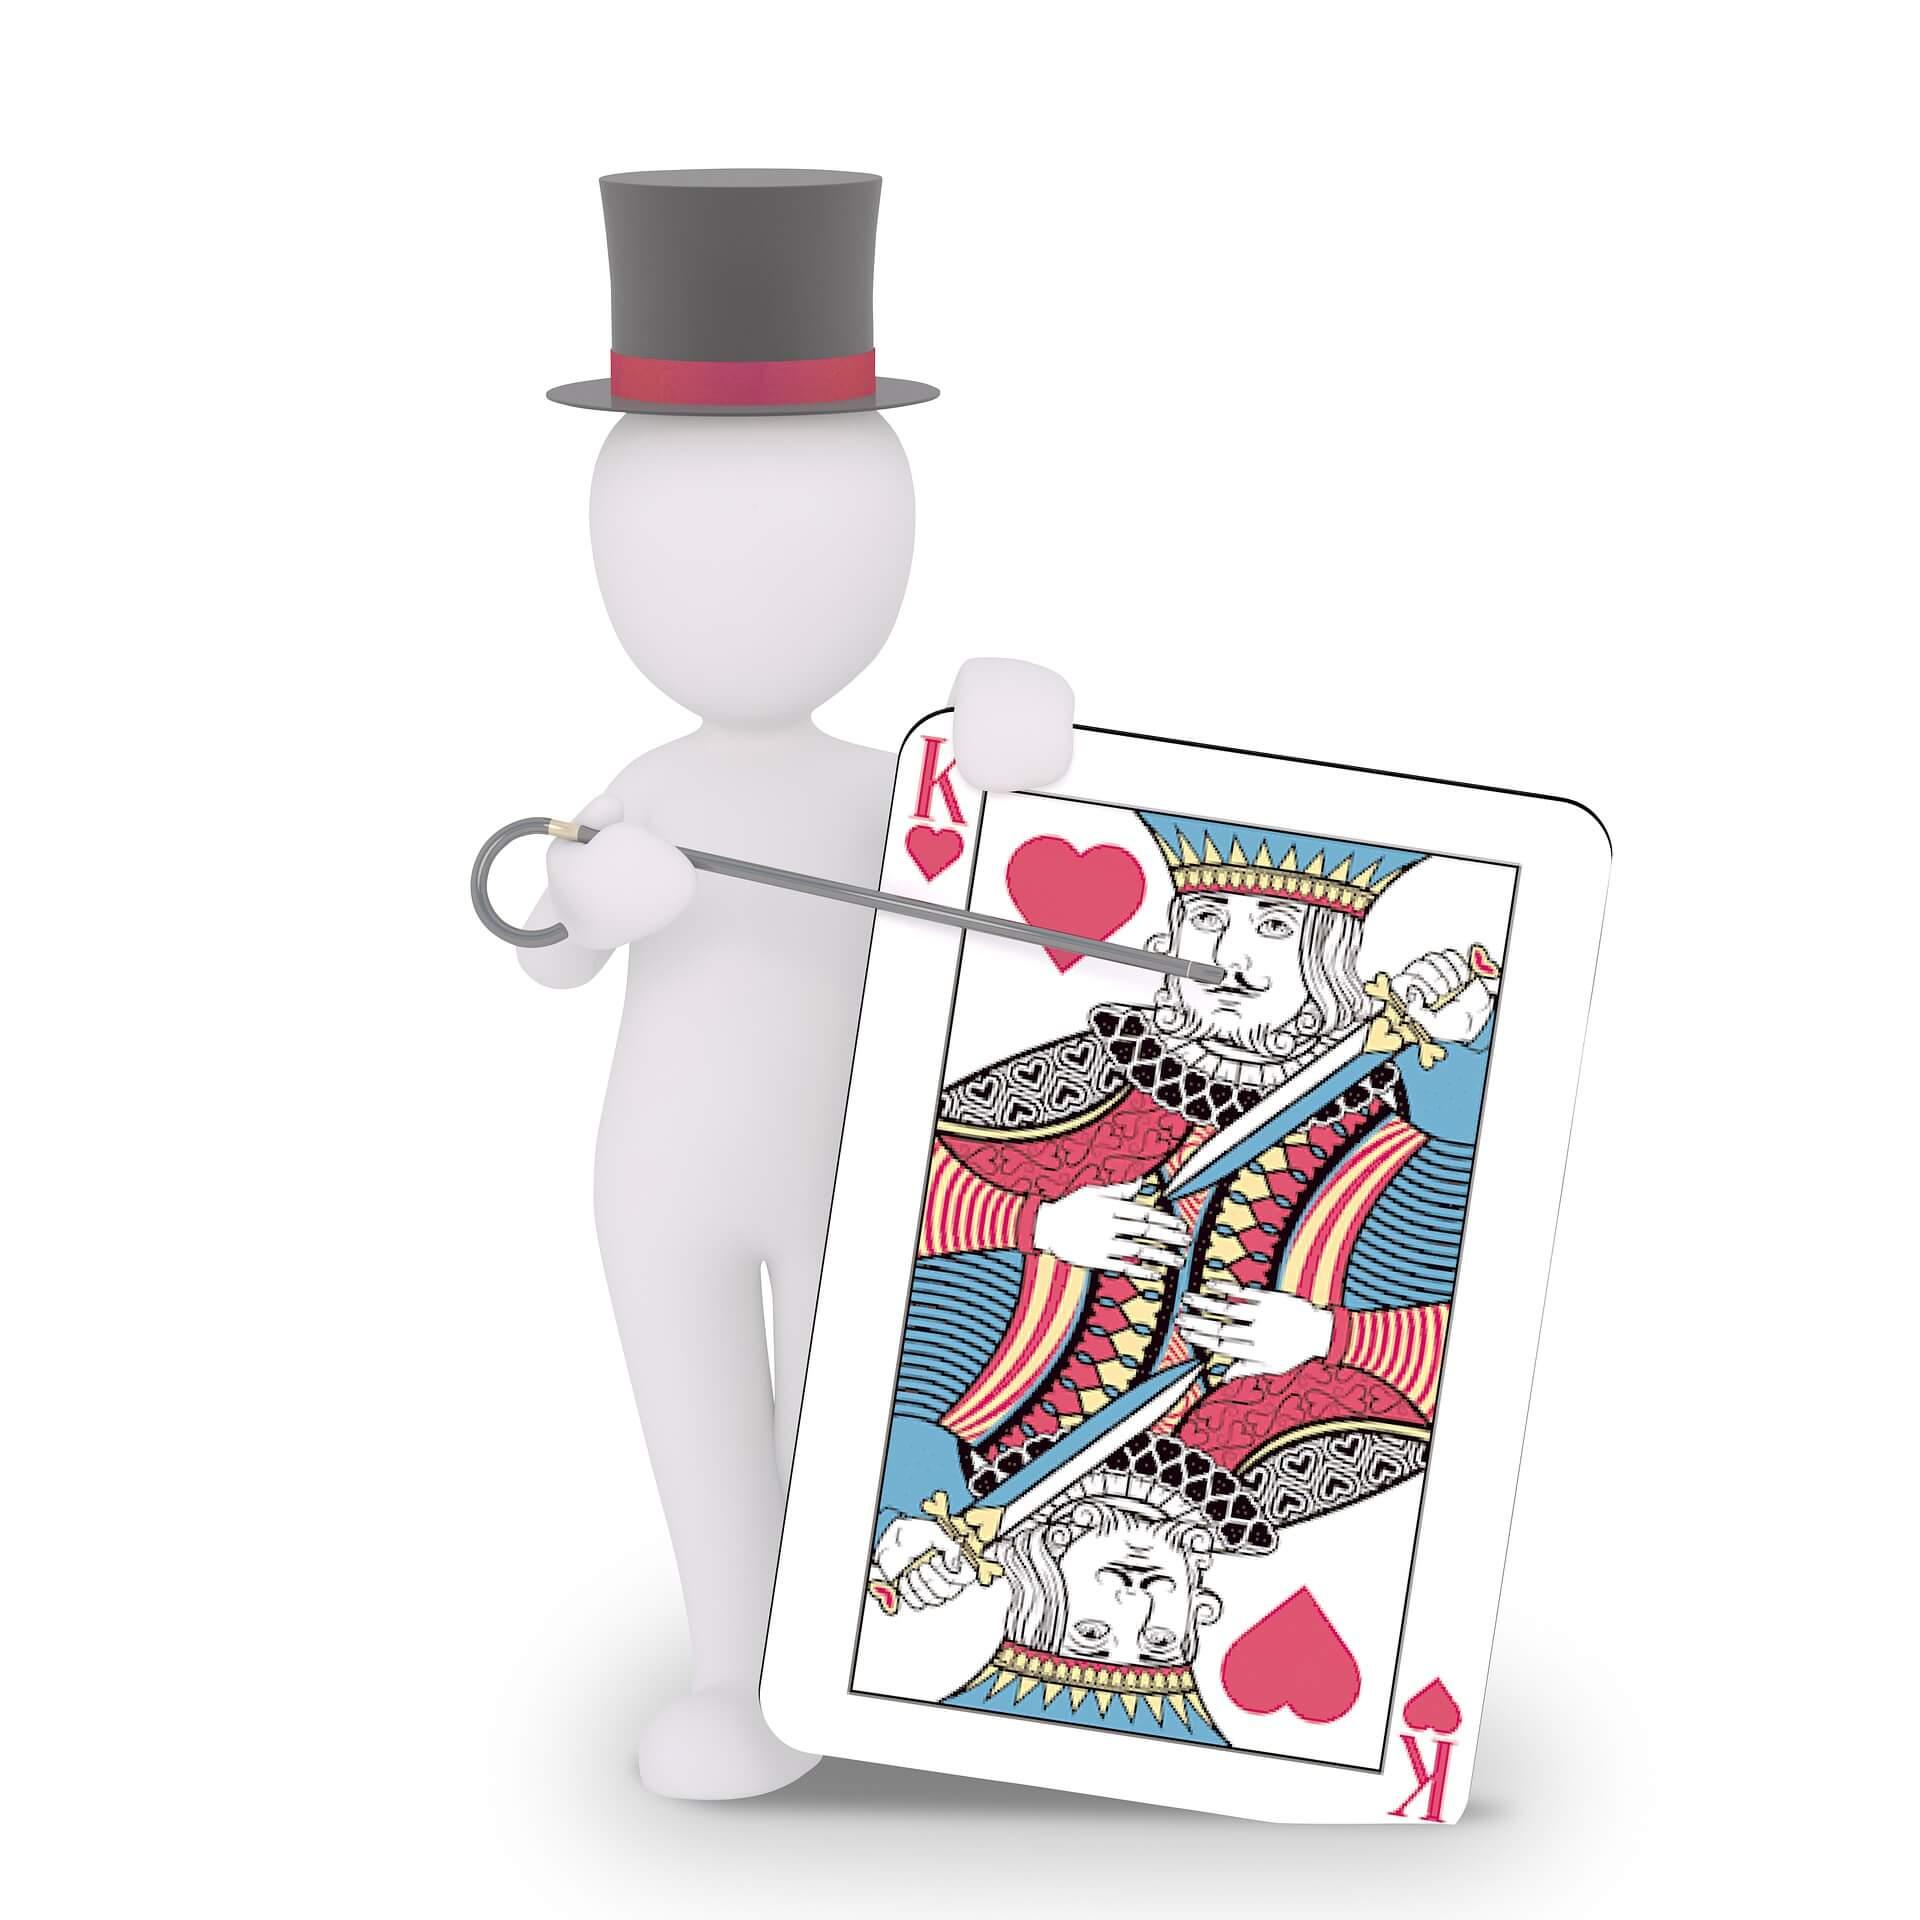 Bonhomme croupier avec un jeux de cartes en main